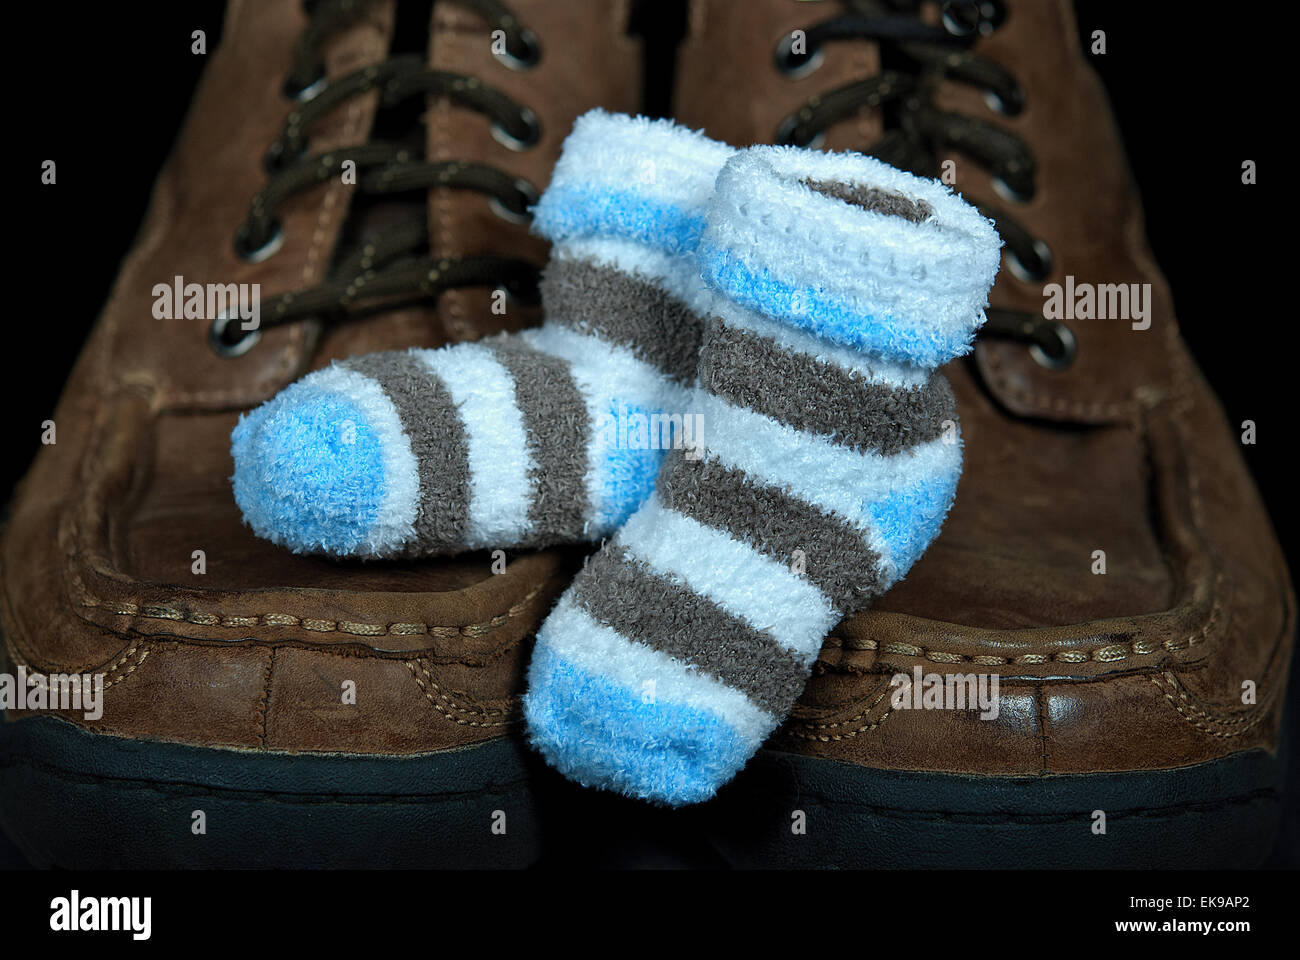 Chaussons pour bébé garçon sur des chaussures d'hommes adultes Photo Stock